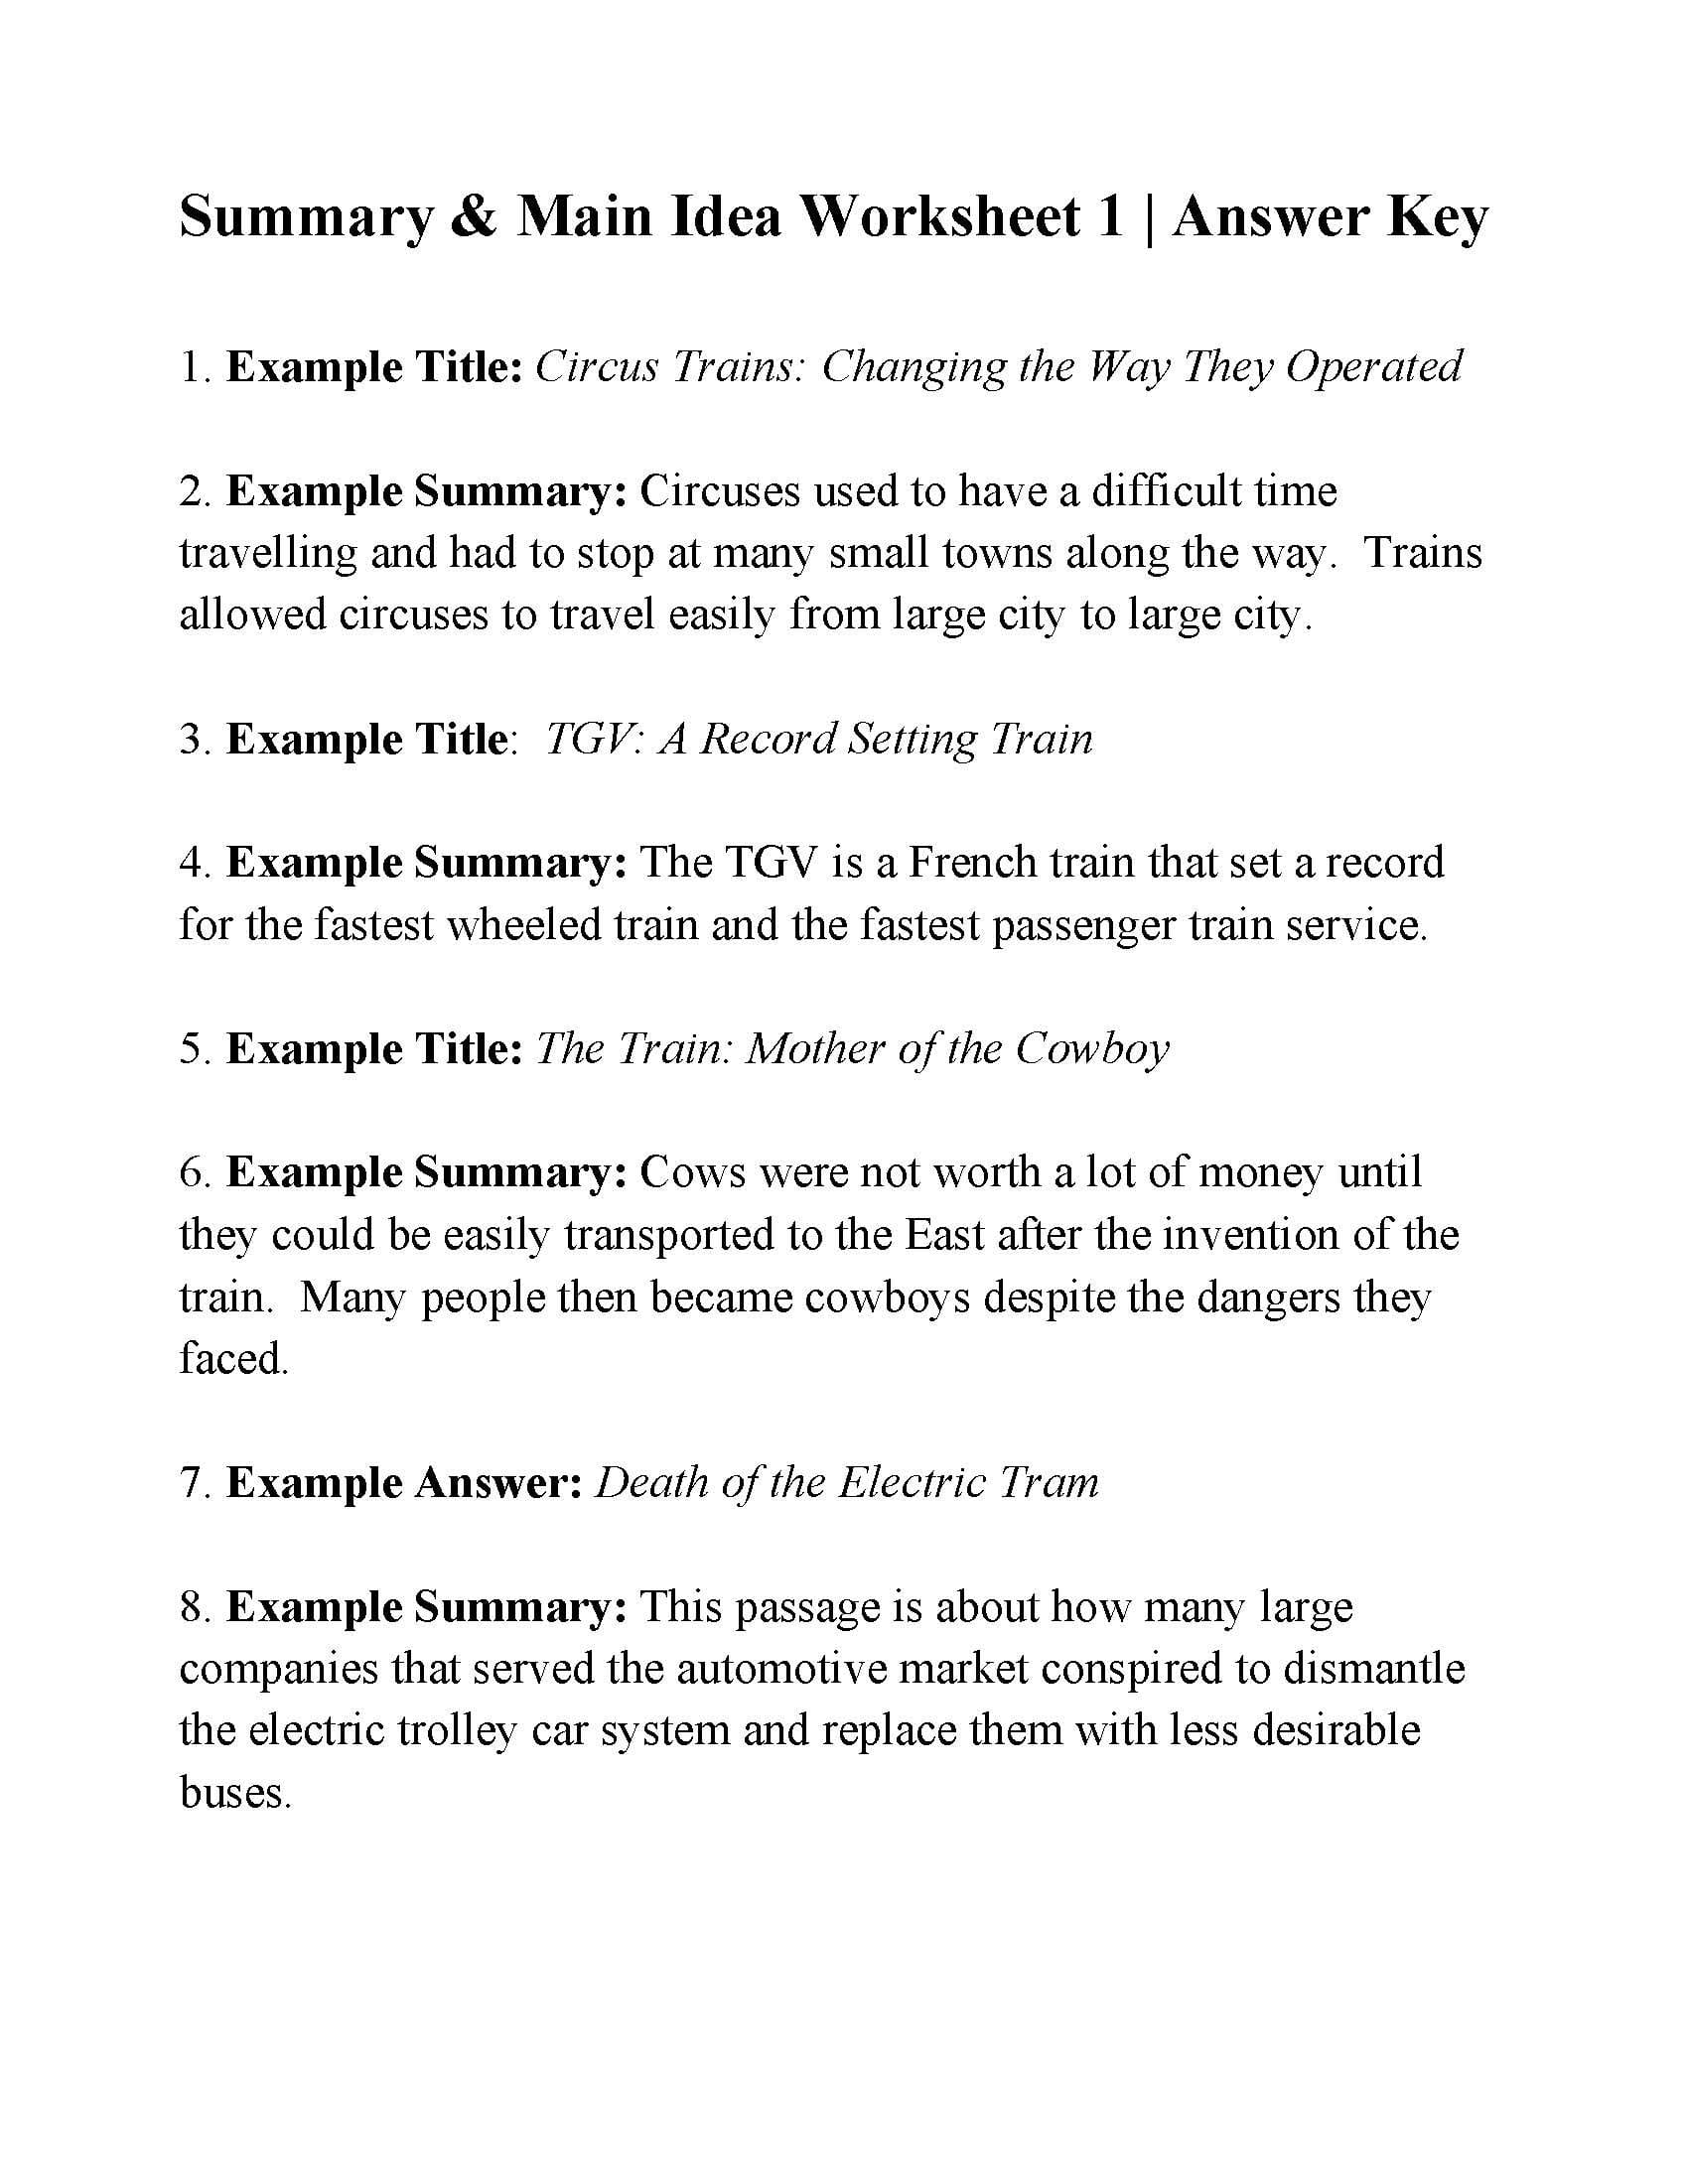 Summary And Main Idea Worksheet 1  Answers And Summarizing Worksheets Pdf